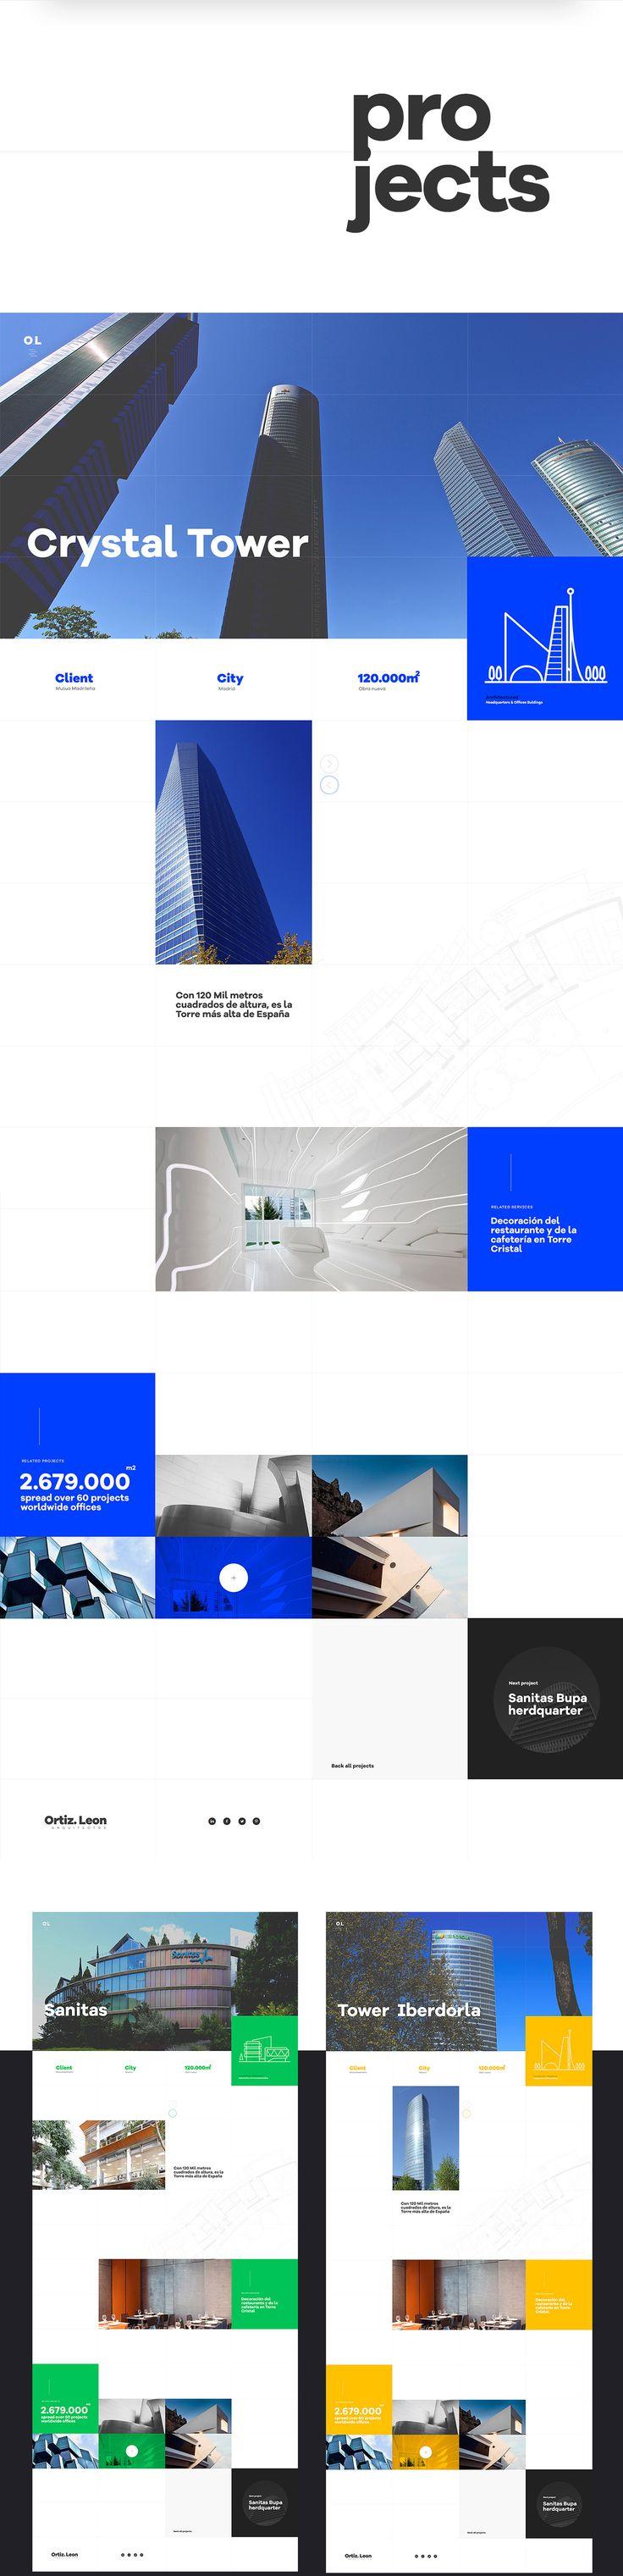 Ortiz Leon Arquitectos on Behance